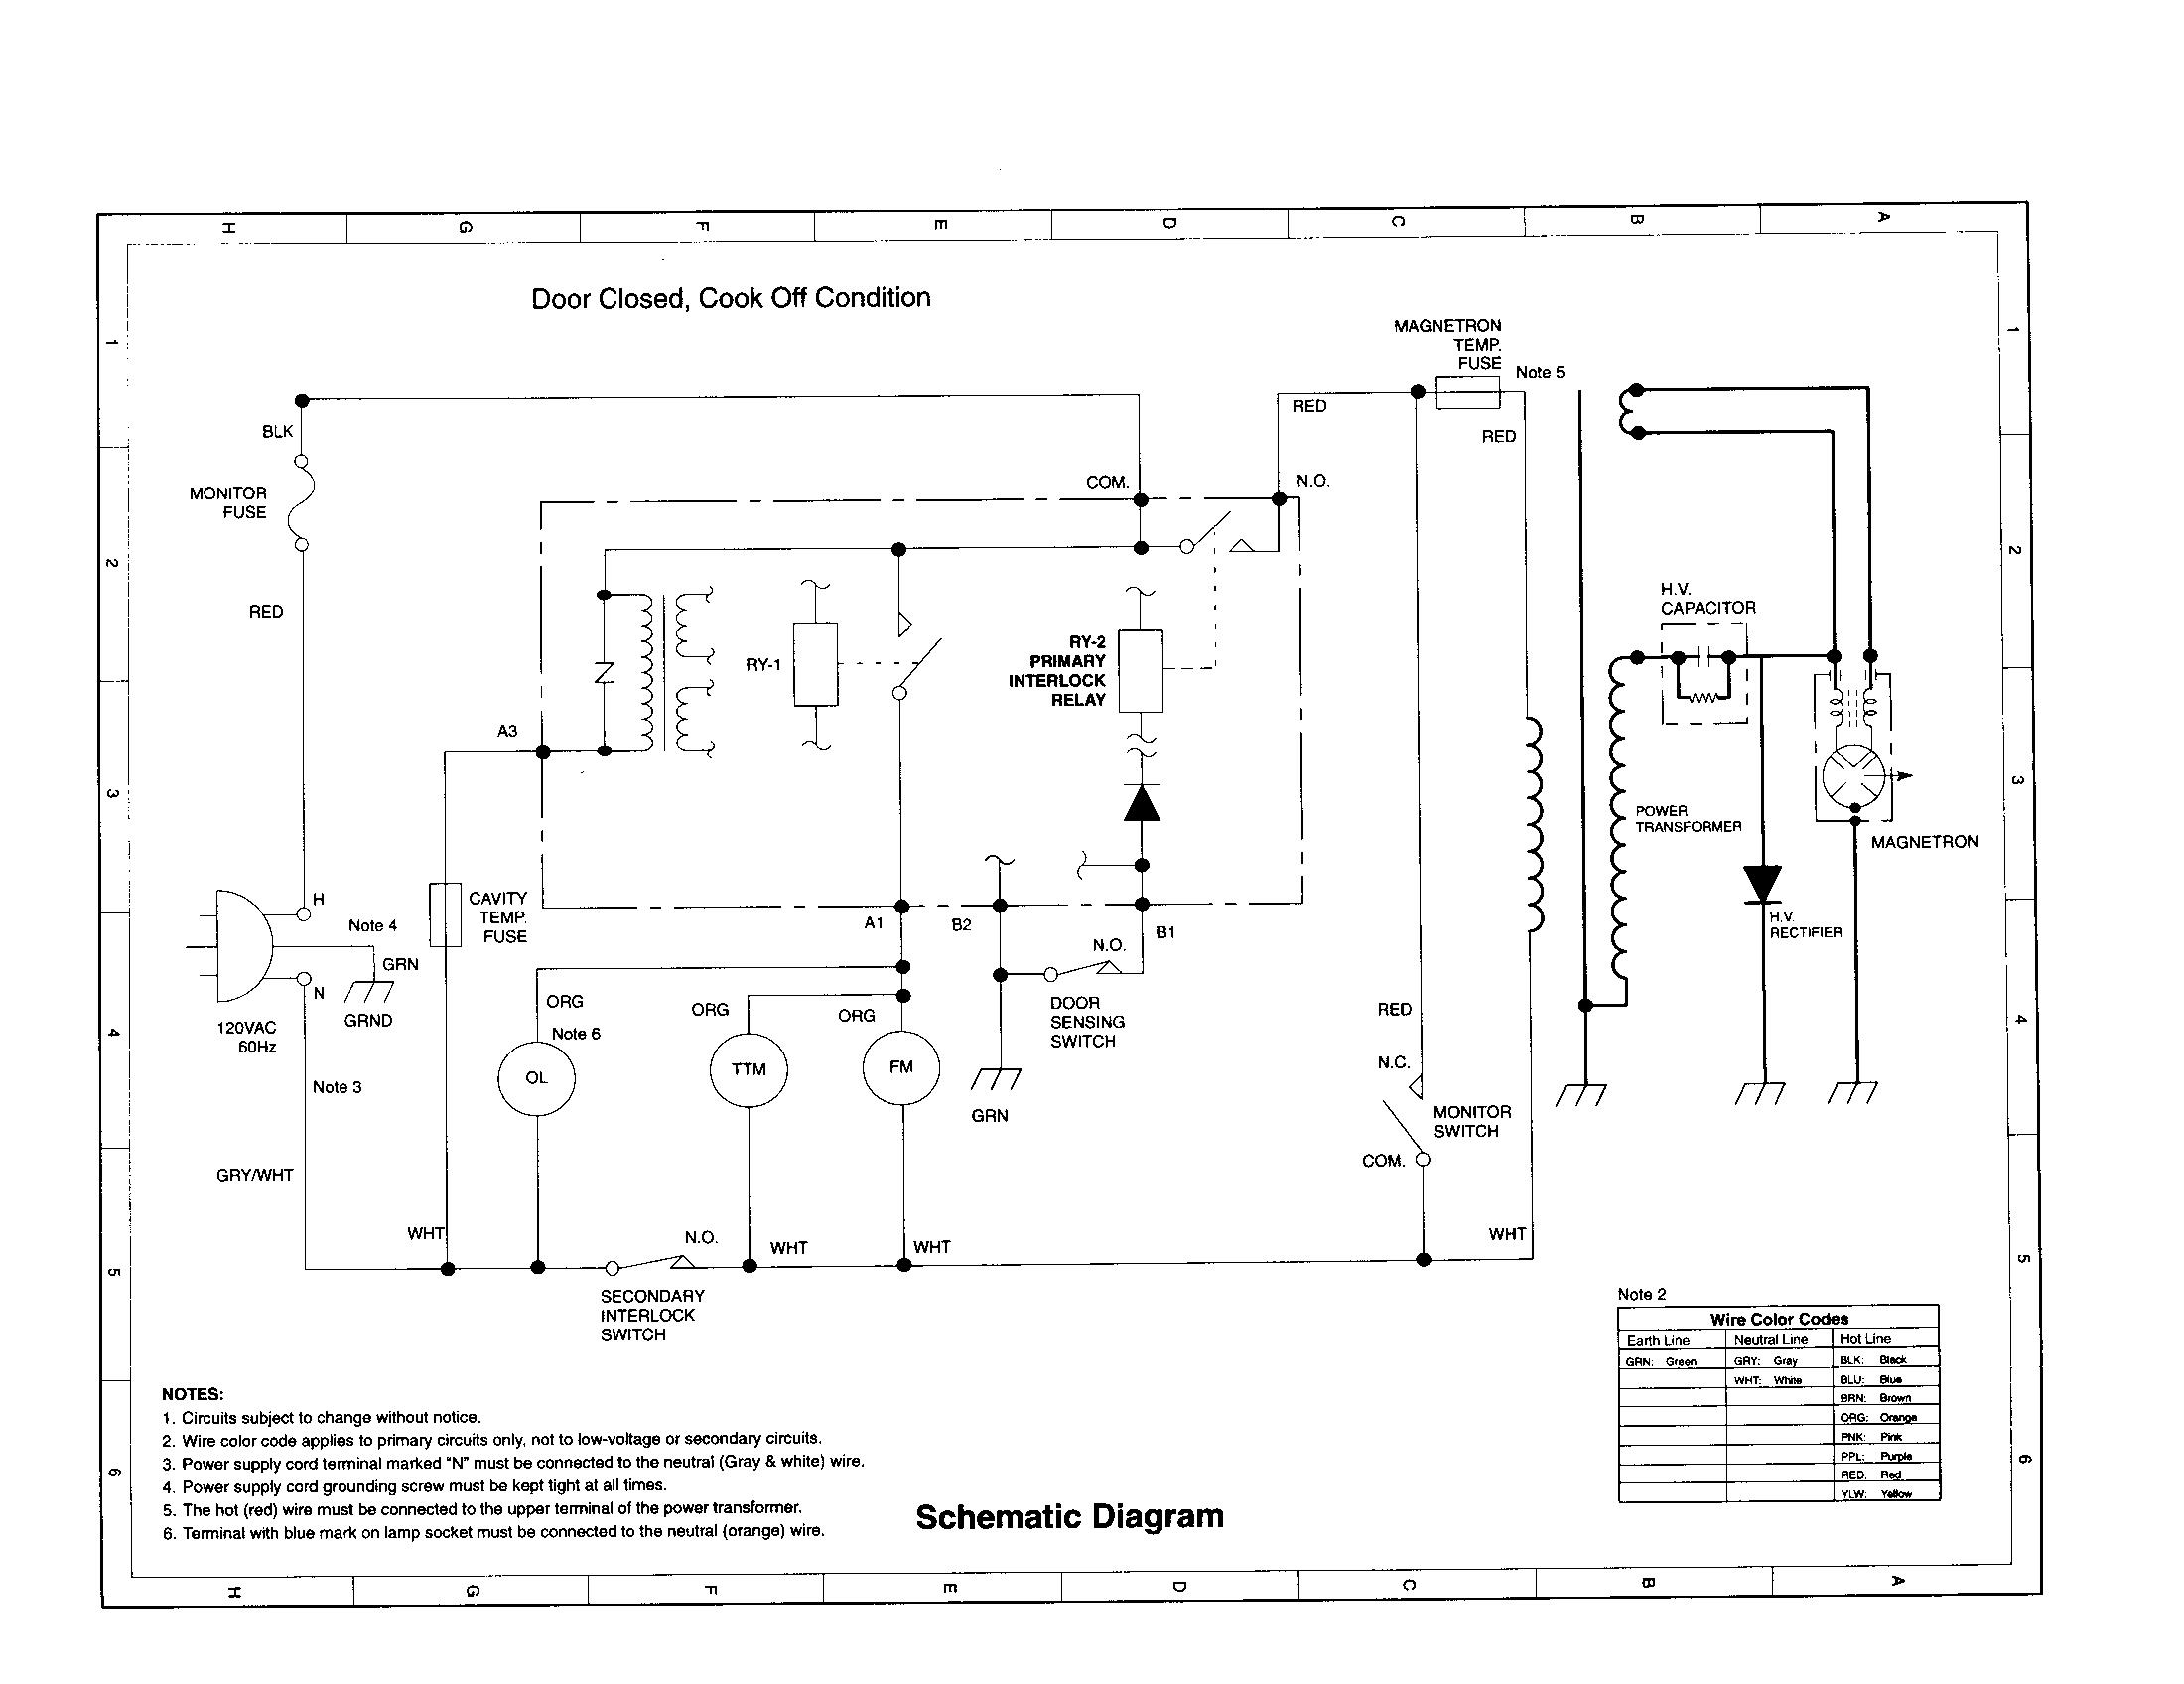 Unique Schematic Symbol Switch Diagram Wiringdiagram Diagramming Diagramm Visuals Visualisation Graphi Circuit Diagram Diagram Electrical Wiring Diagram